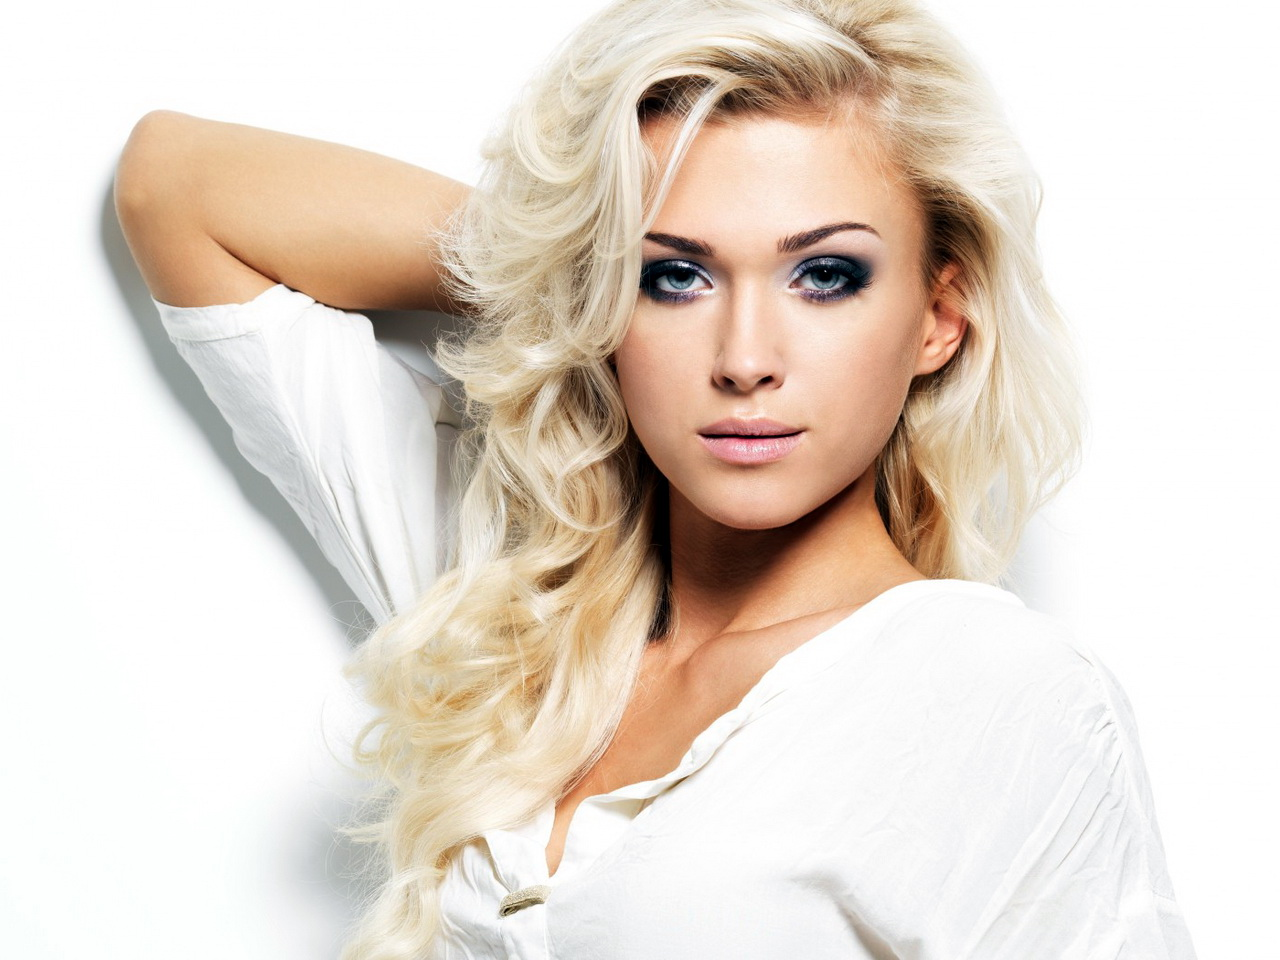 Фото блондинка фото блондинки разрывают свой анус